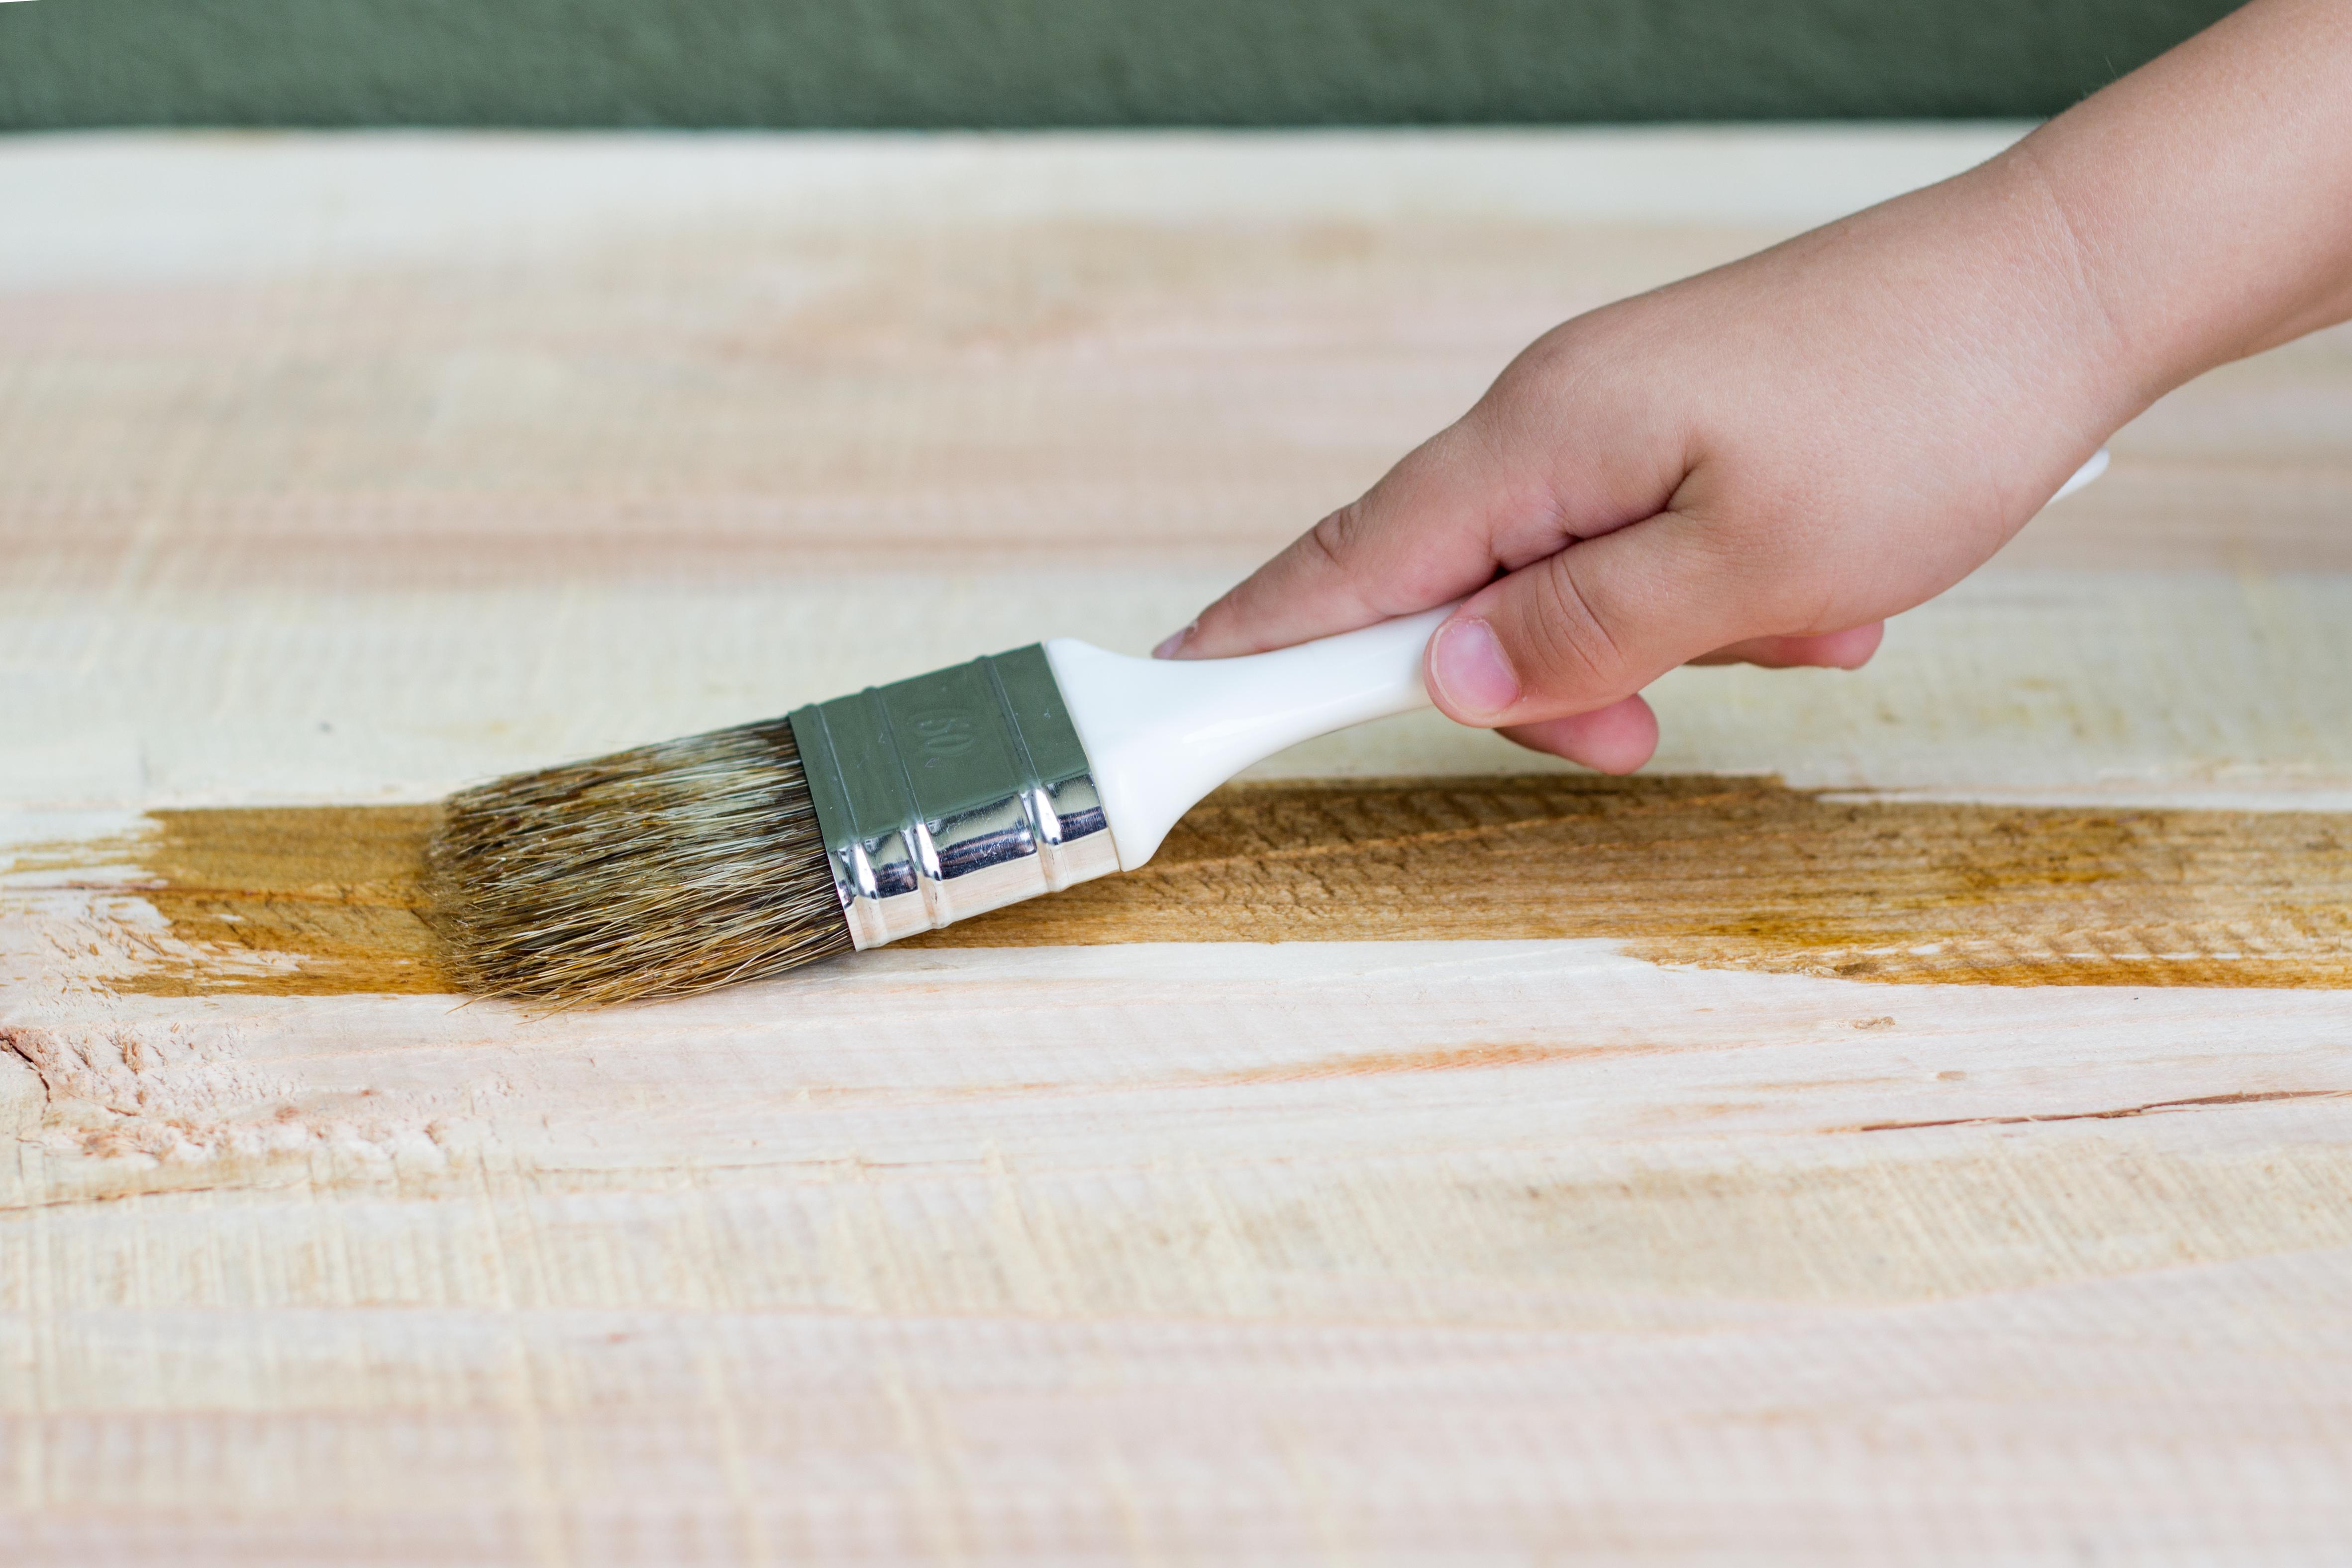 Persona barnizando madera